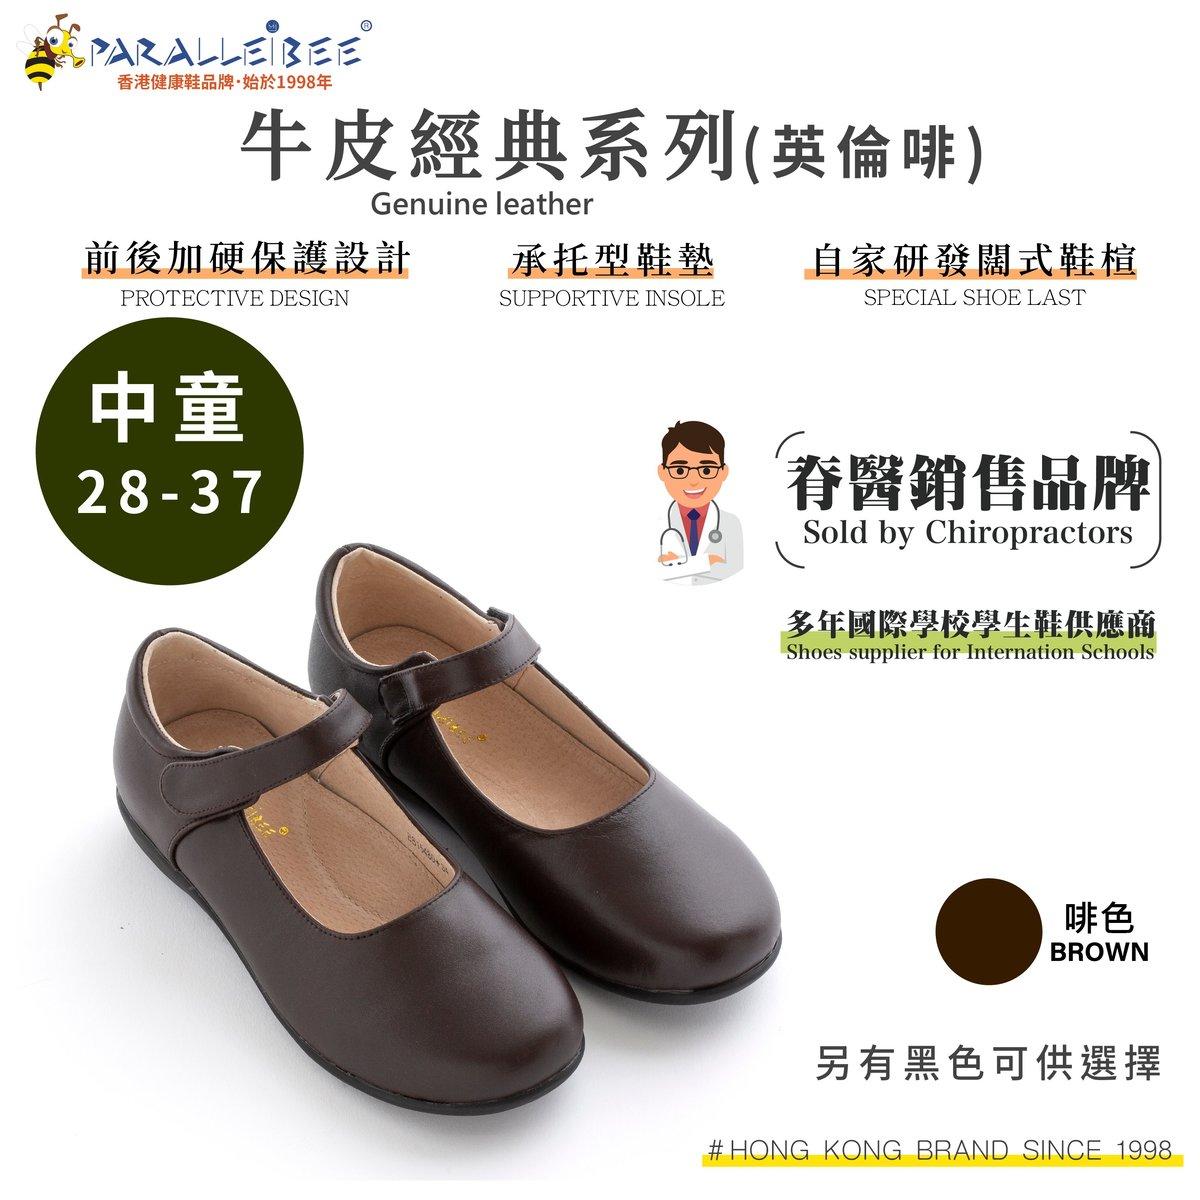 女童全手工牛皮學生鞋 啡色 (B15480+) 28號